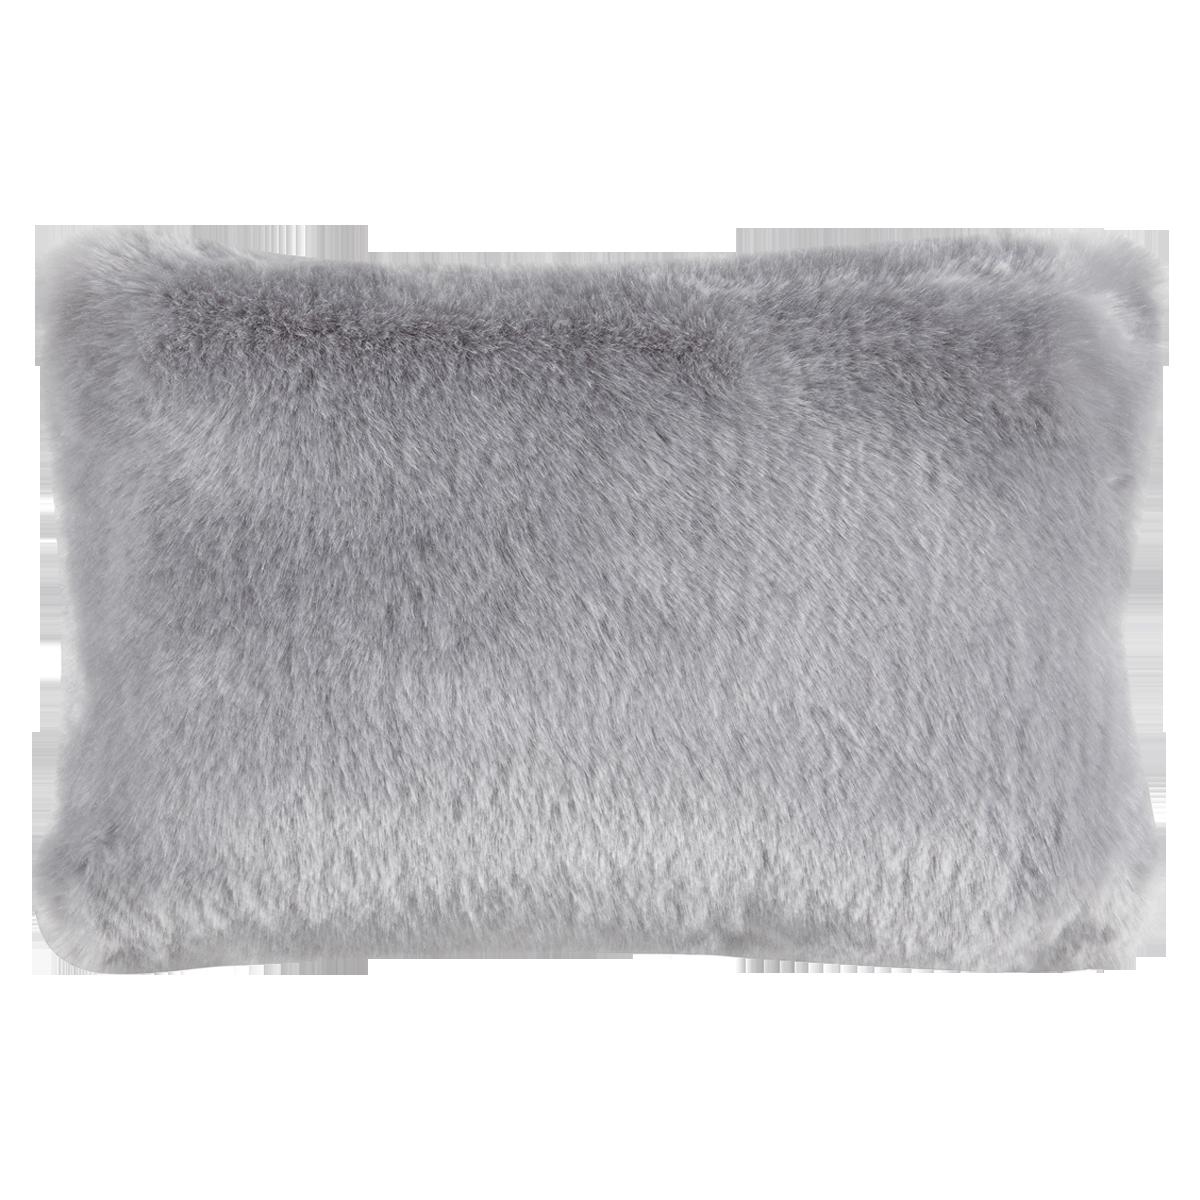 viyet-hygge-pillow